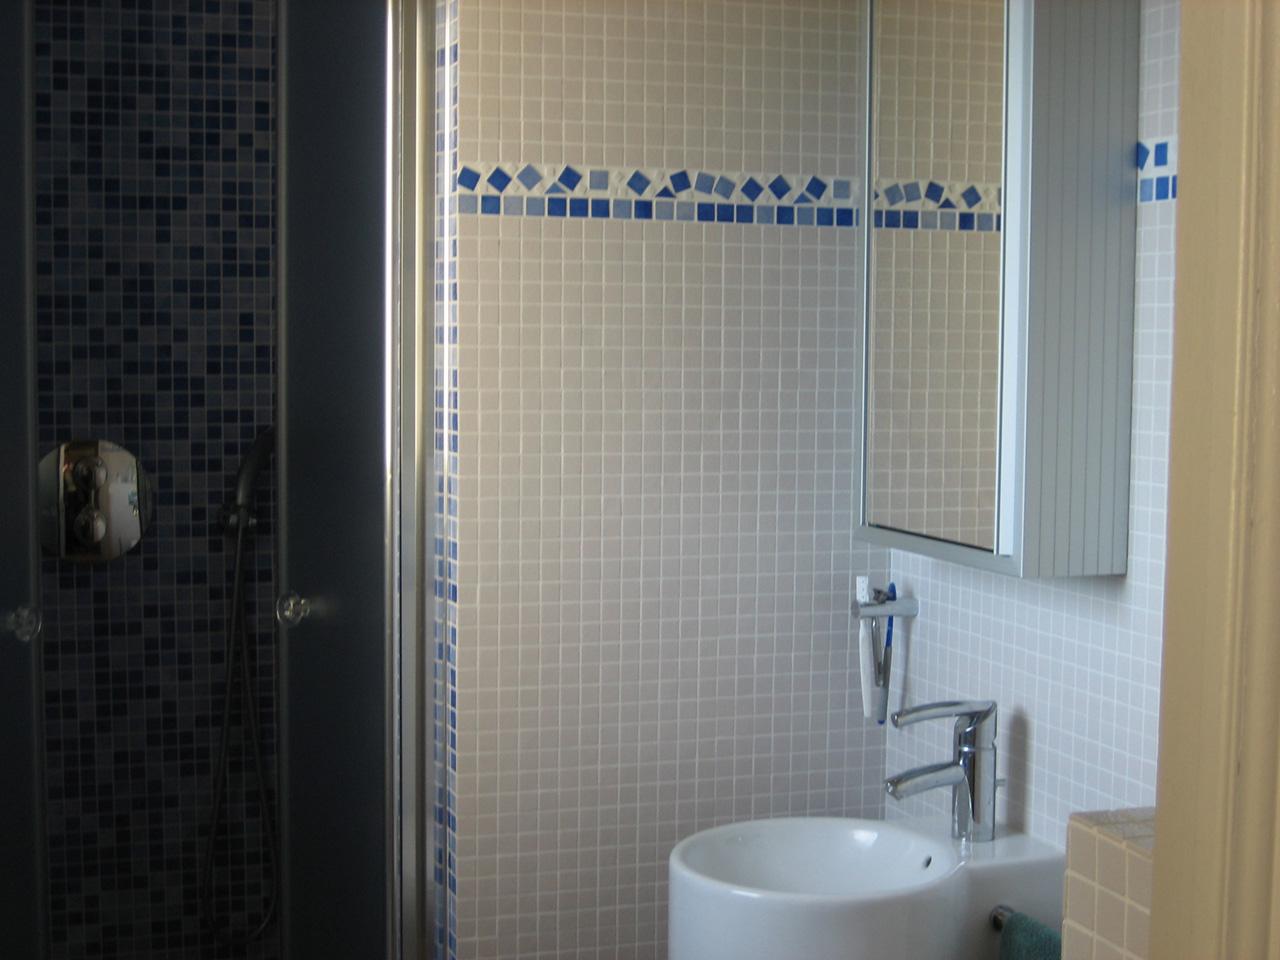 Salle de bains en ceramique et pate de verre azur agencement - Carrelage pate de verre salle de bain ...